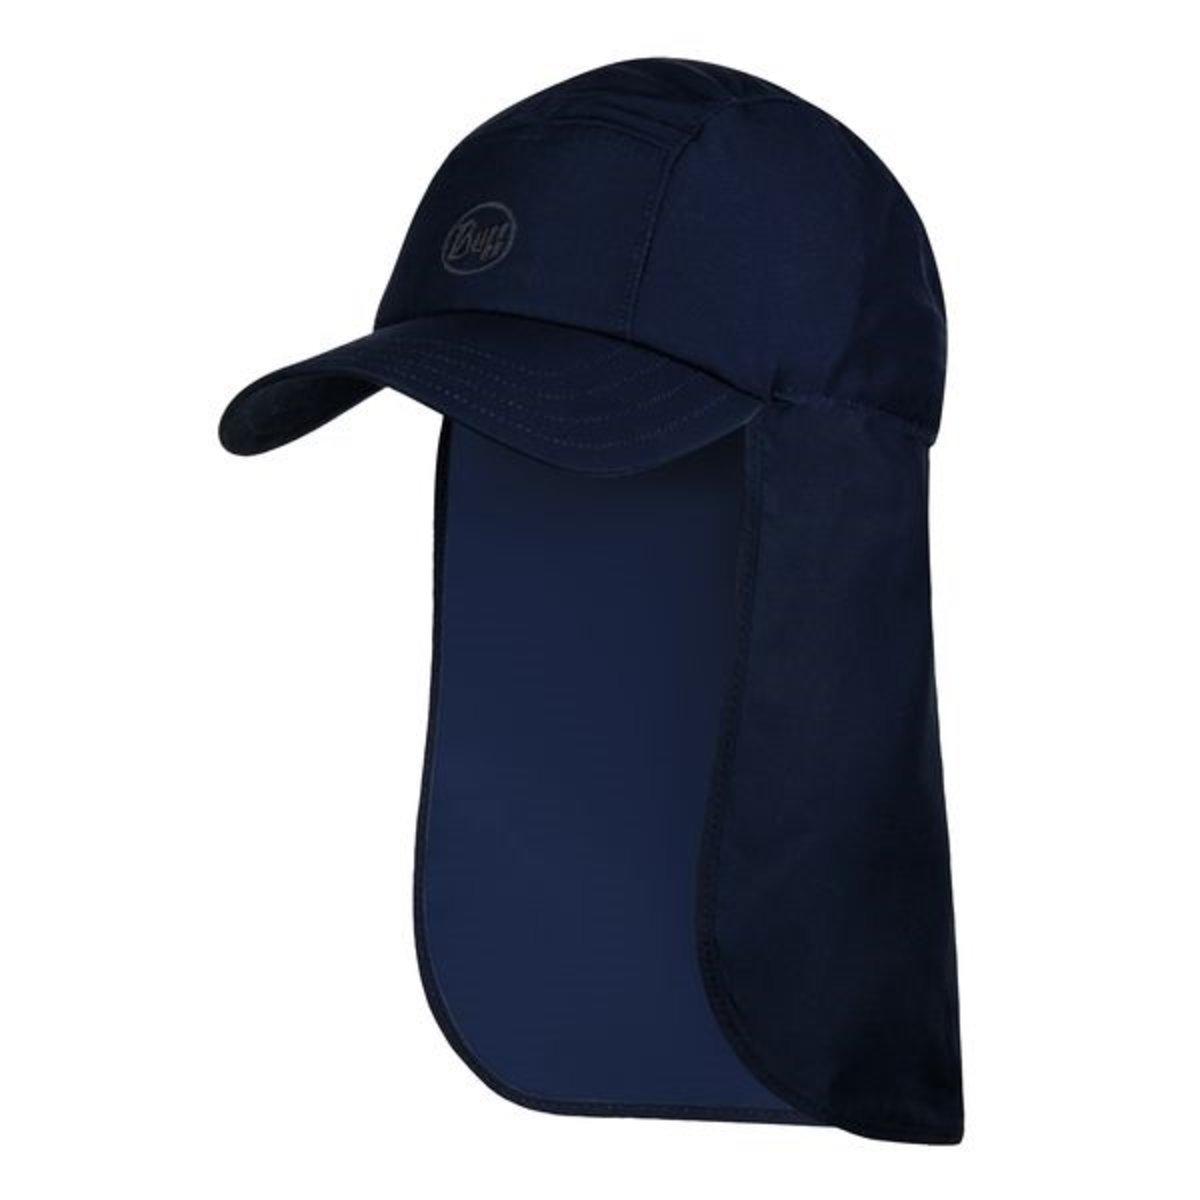 BIMINI CAP NIGHT BLUE